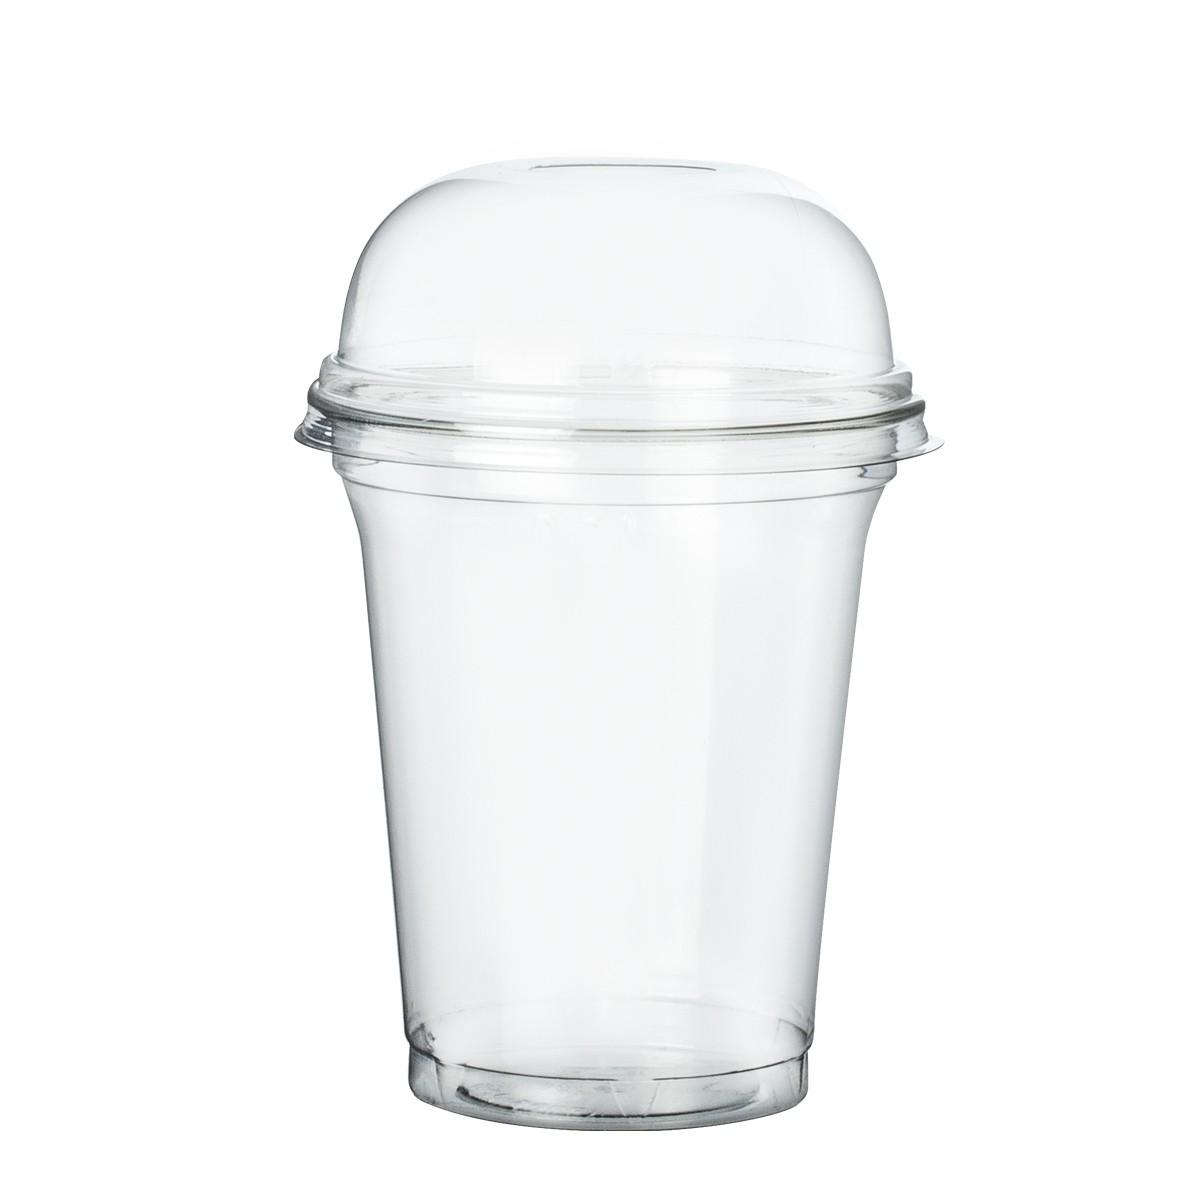 Gobelet jetable plastique recycle 30/40 cl avec couvercle